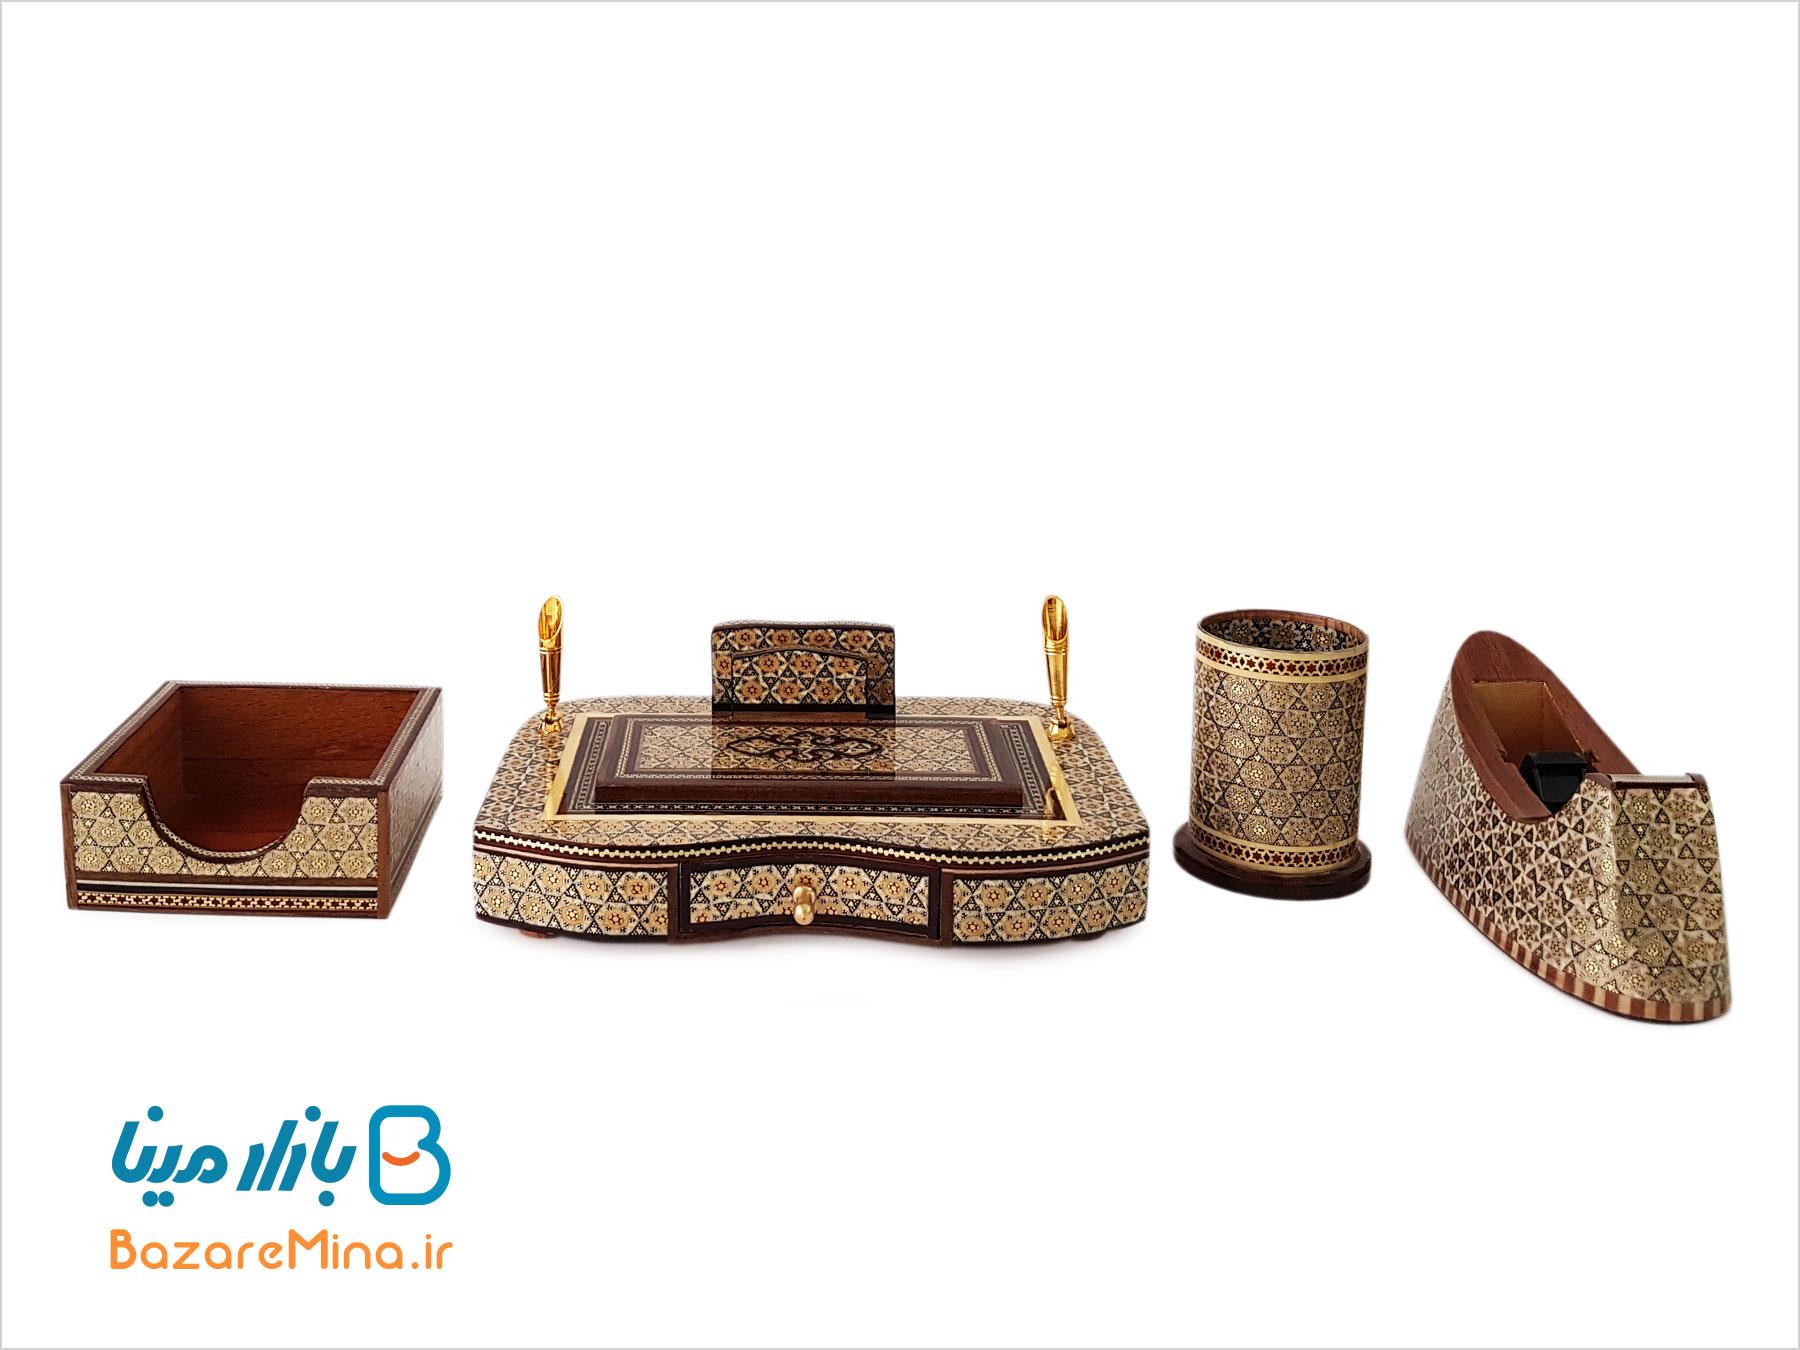 ست میز اداری خاتم کاری اصفهان